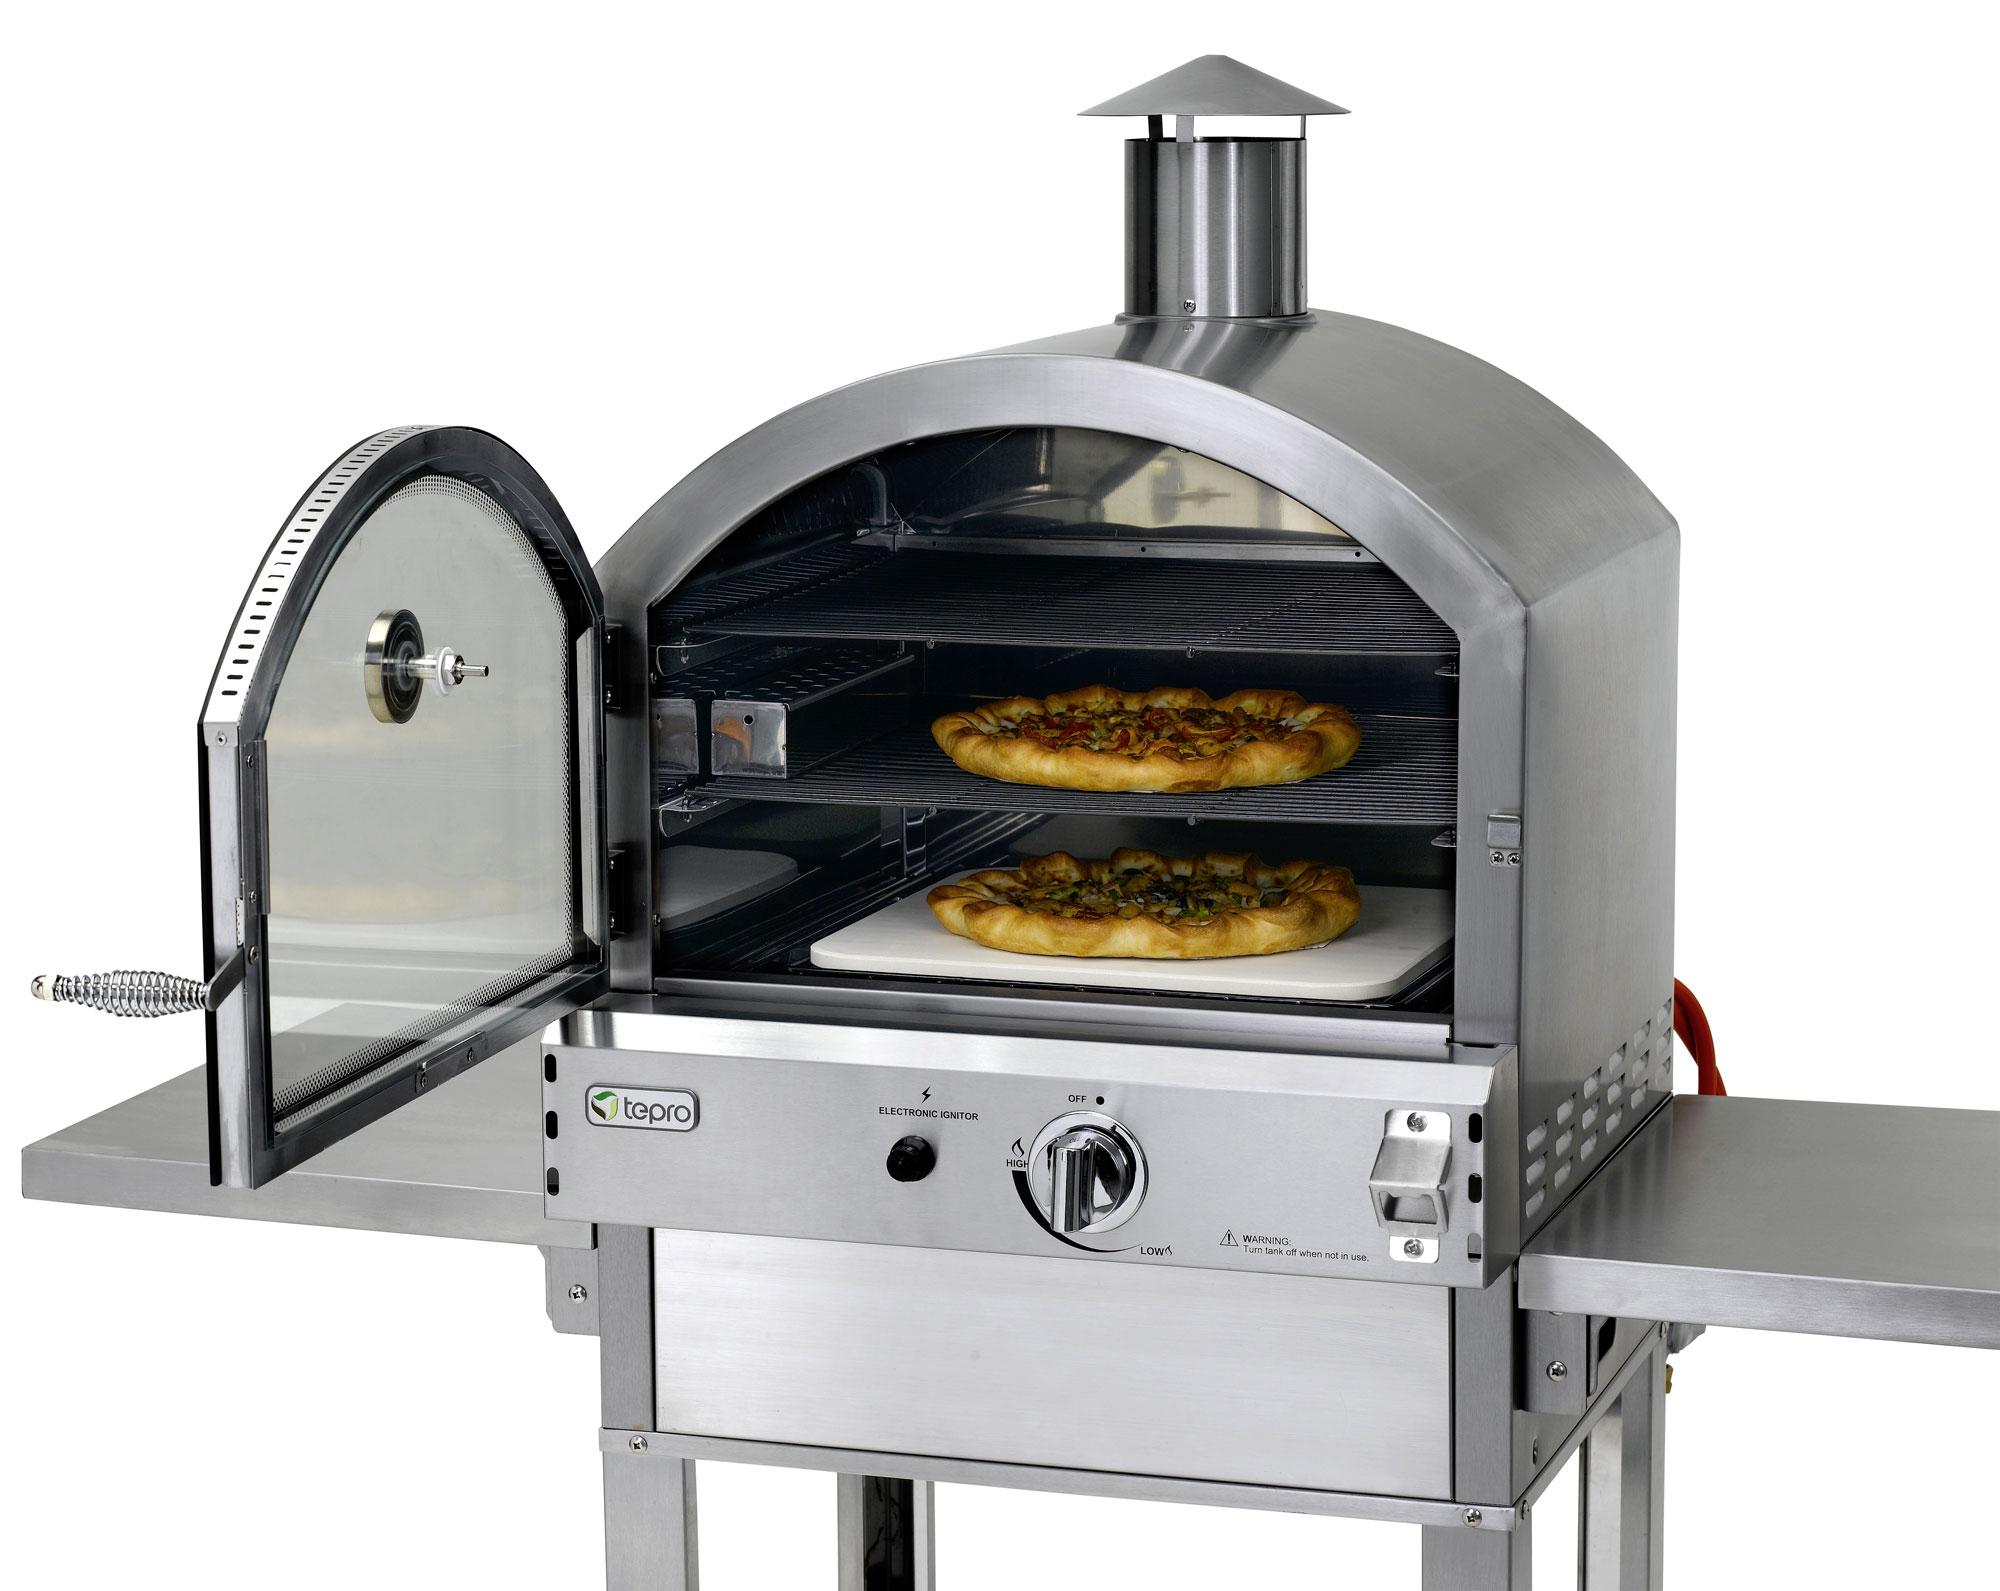 tepro pizzaofen gas gas pizzaofen flammkuchenofen